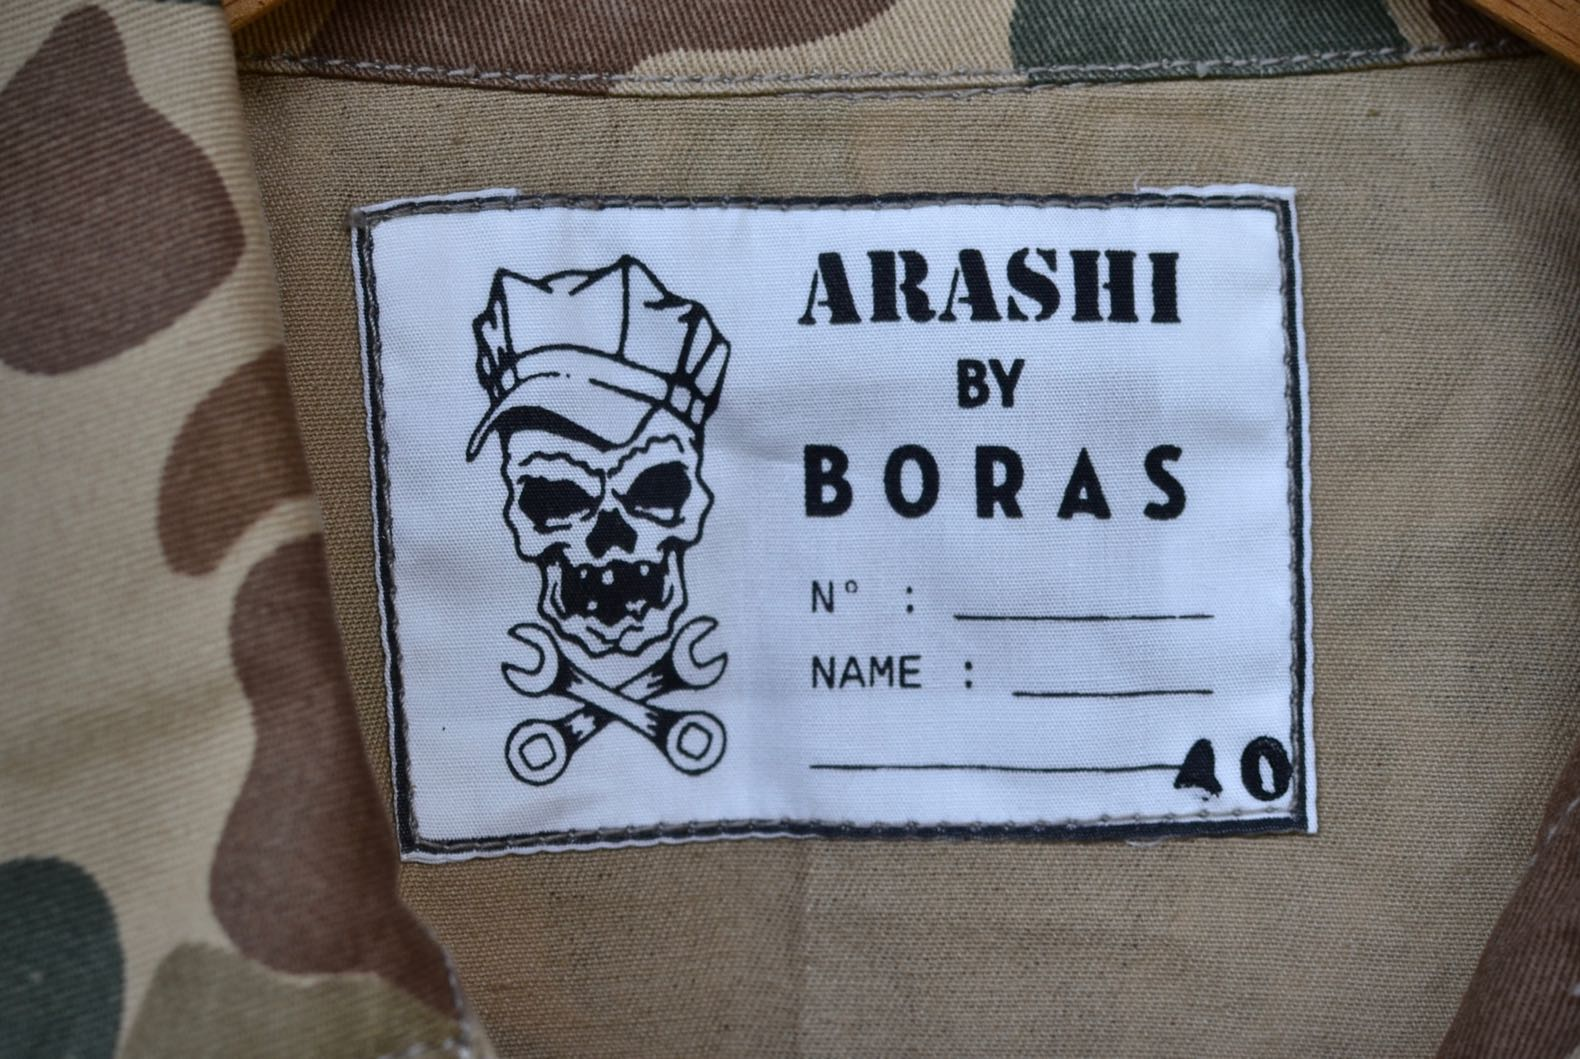 arashi by boras étiquette